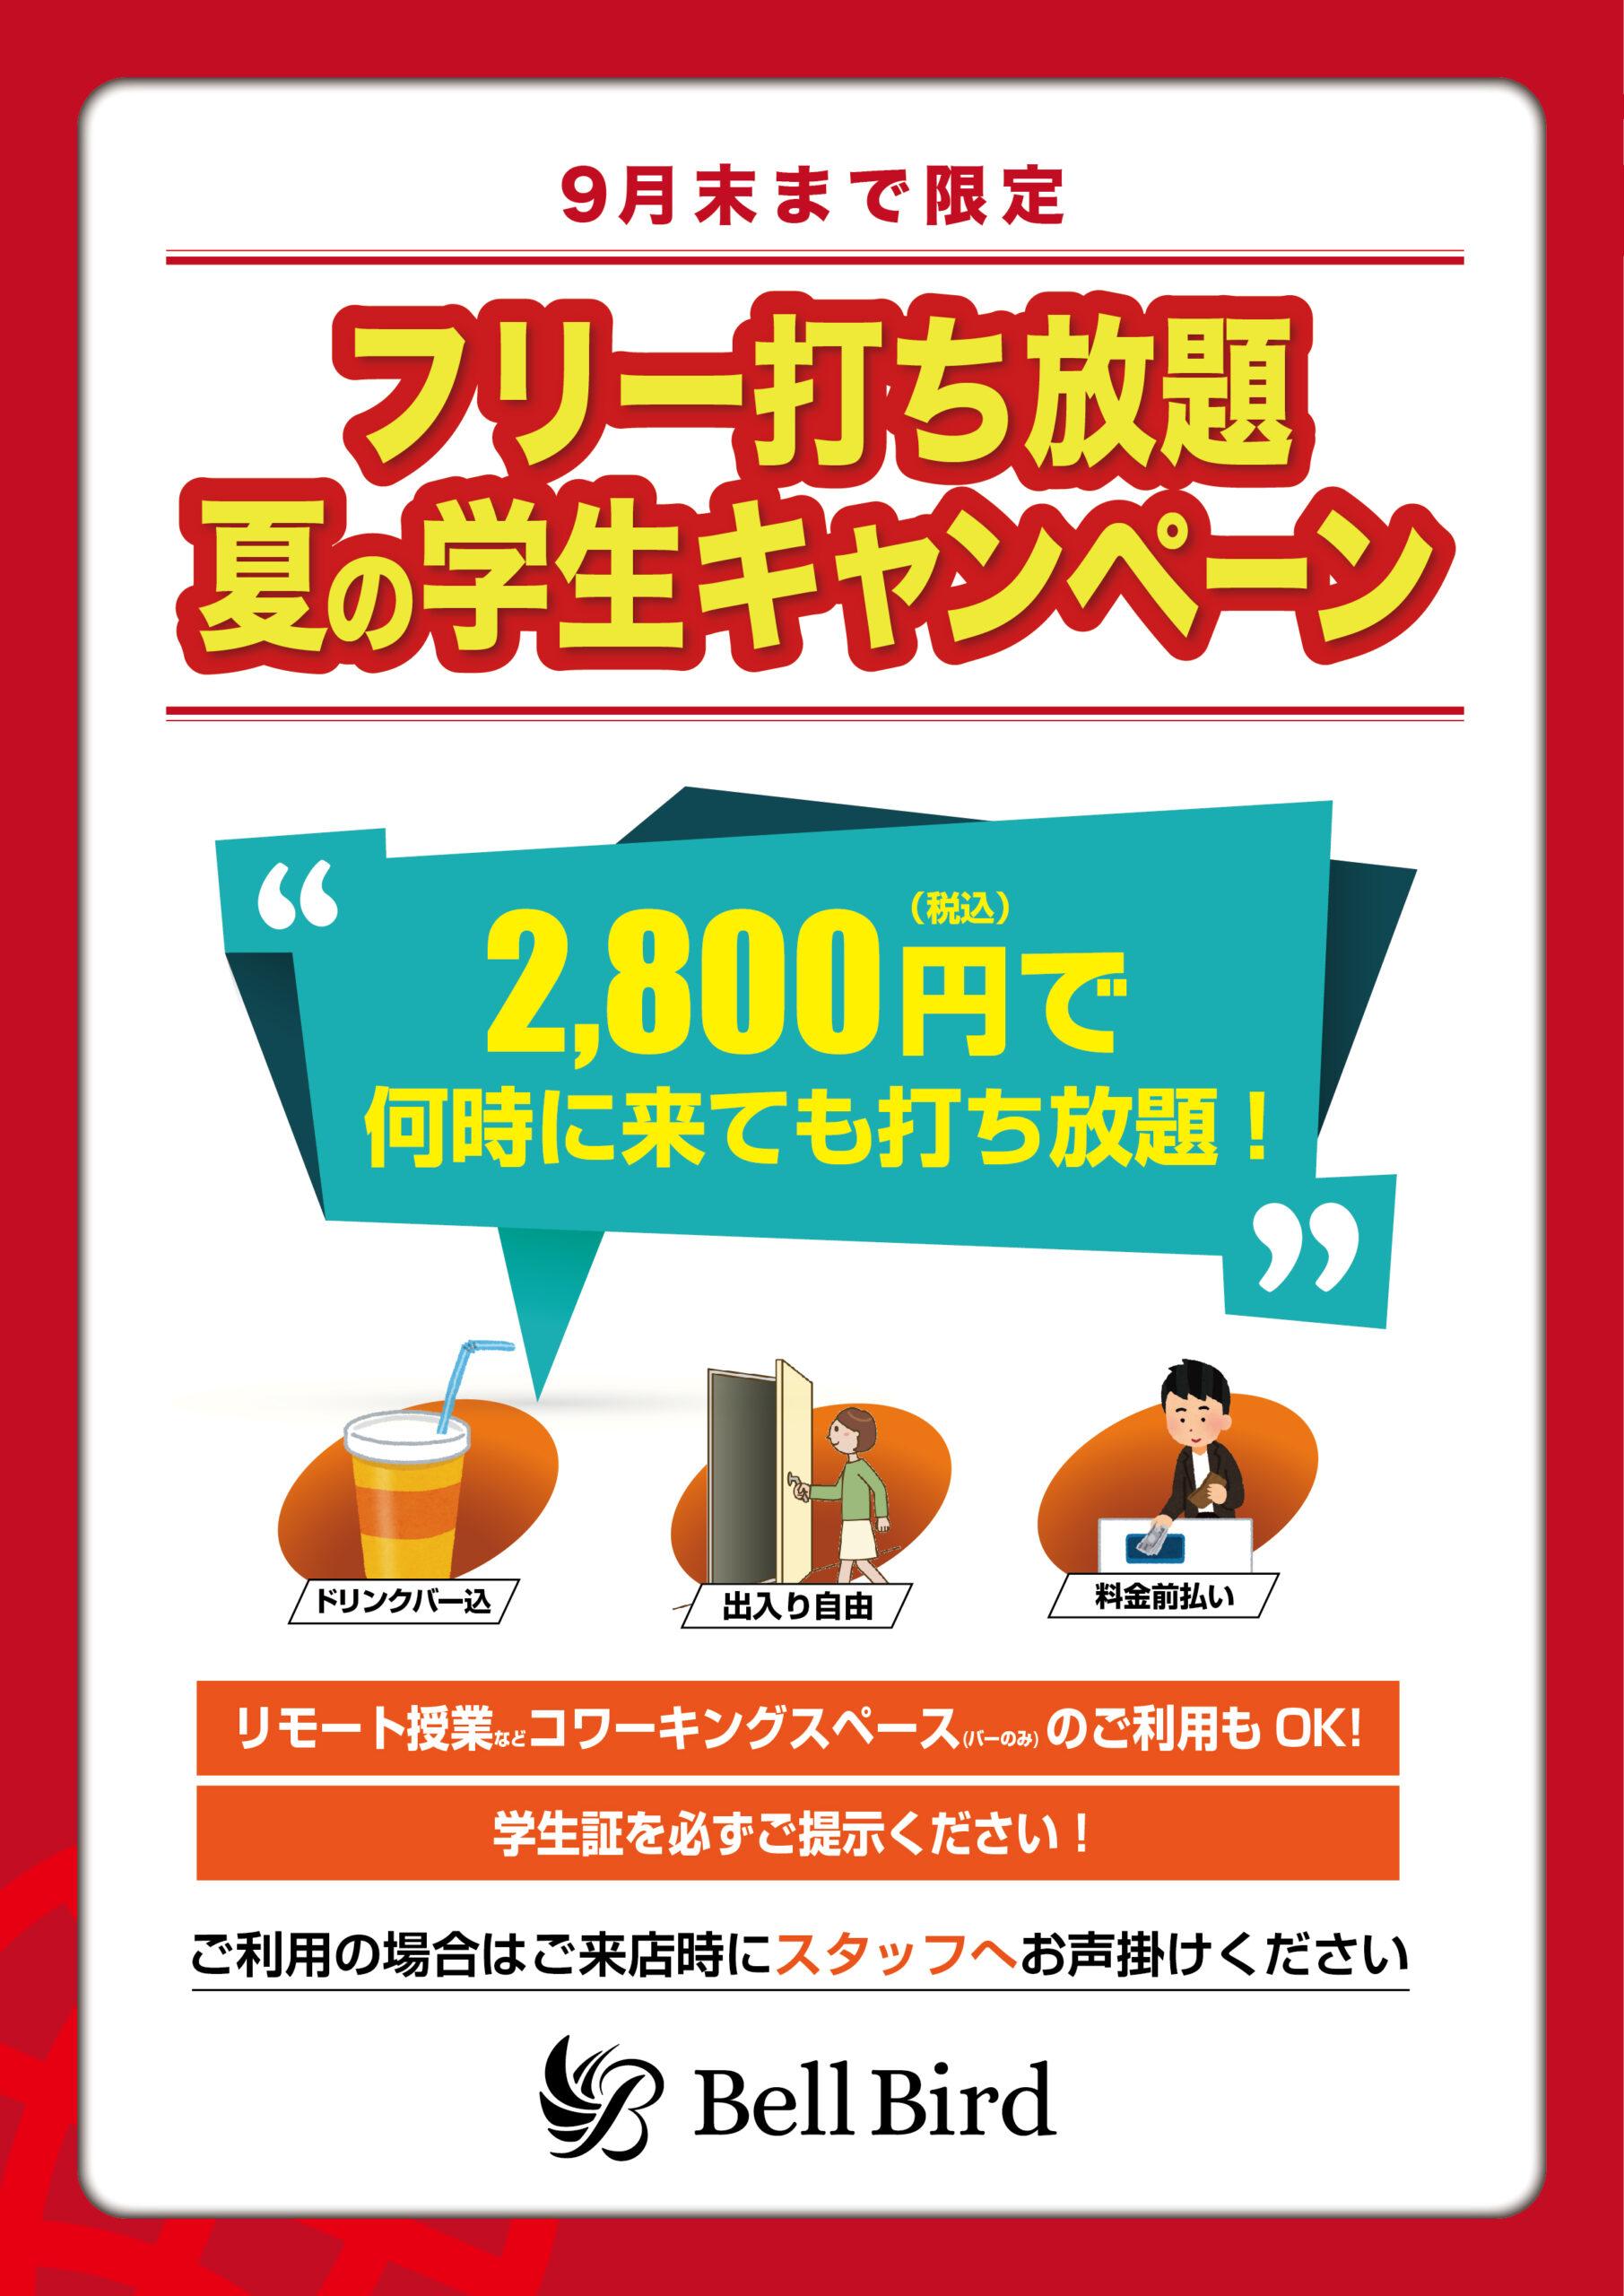 【パック料金】フリー学割キャンペーン